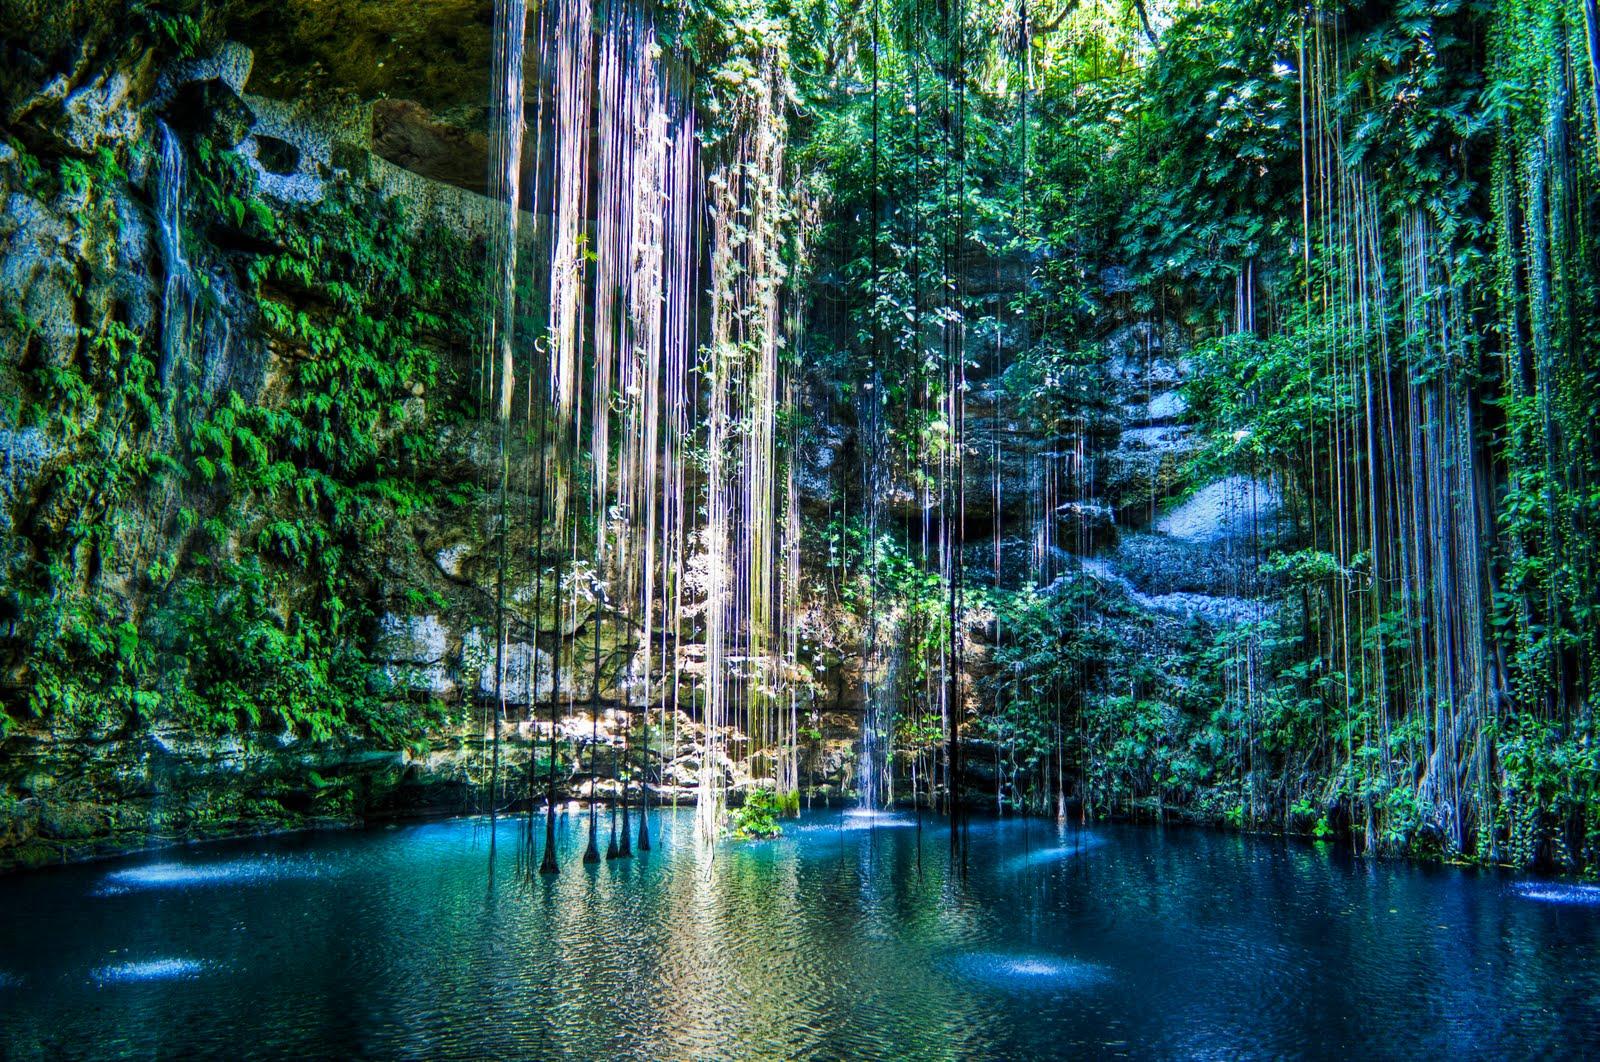 Ik-Kil-cenote-Yucatan-Mexico